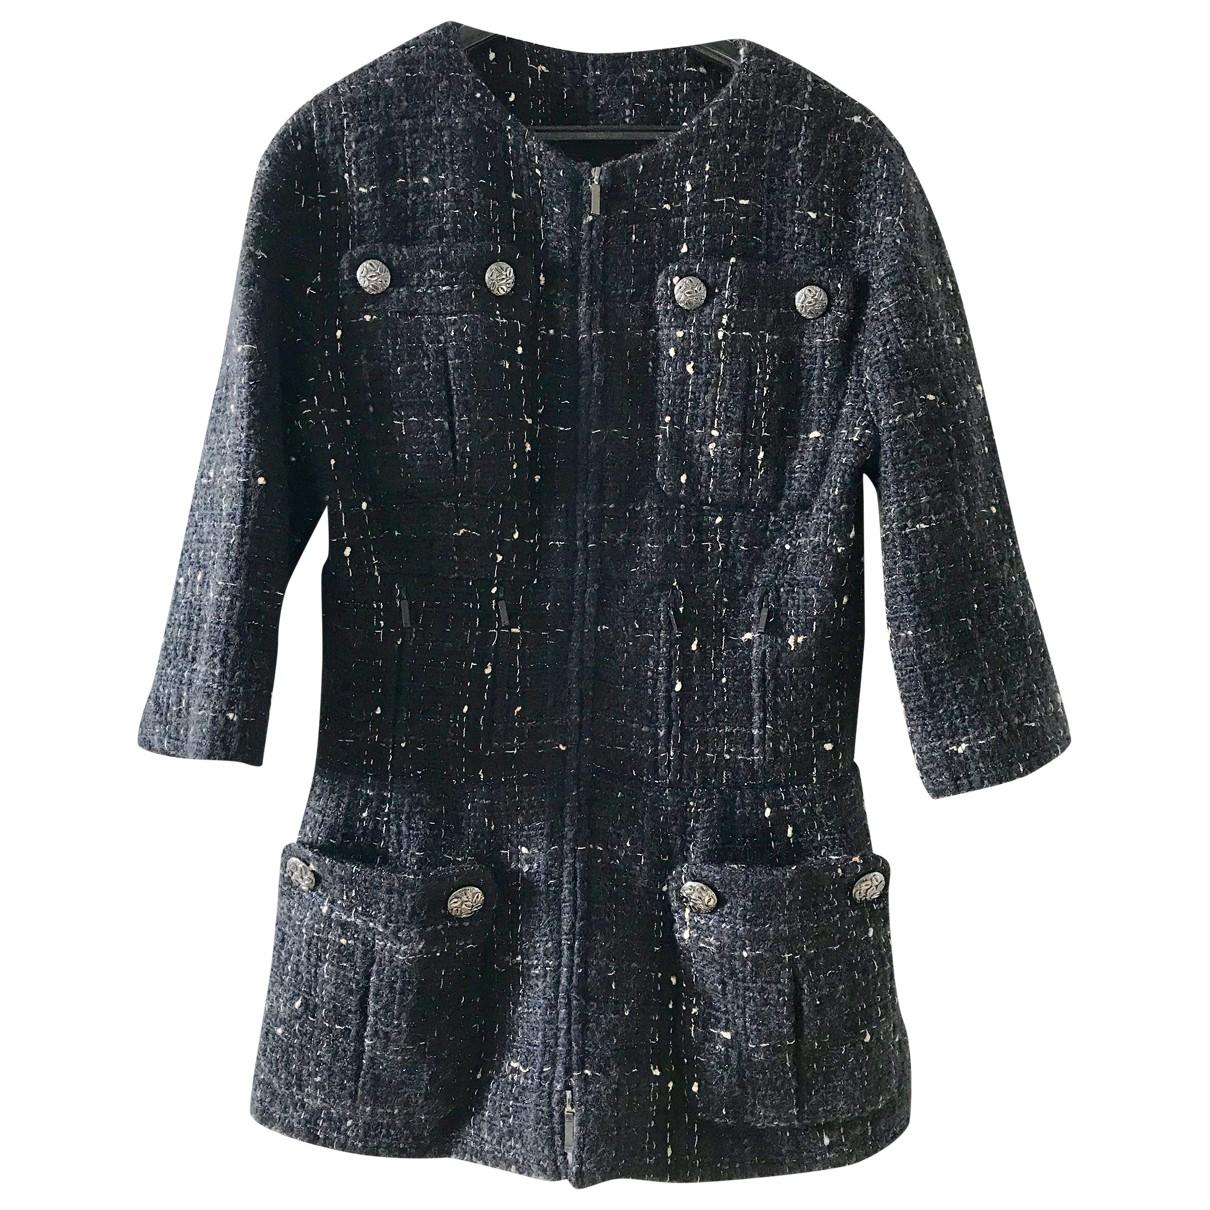 Chanel \N Black Wool jacket for Women 34 FR